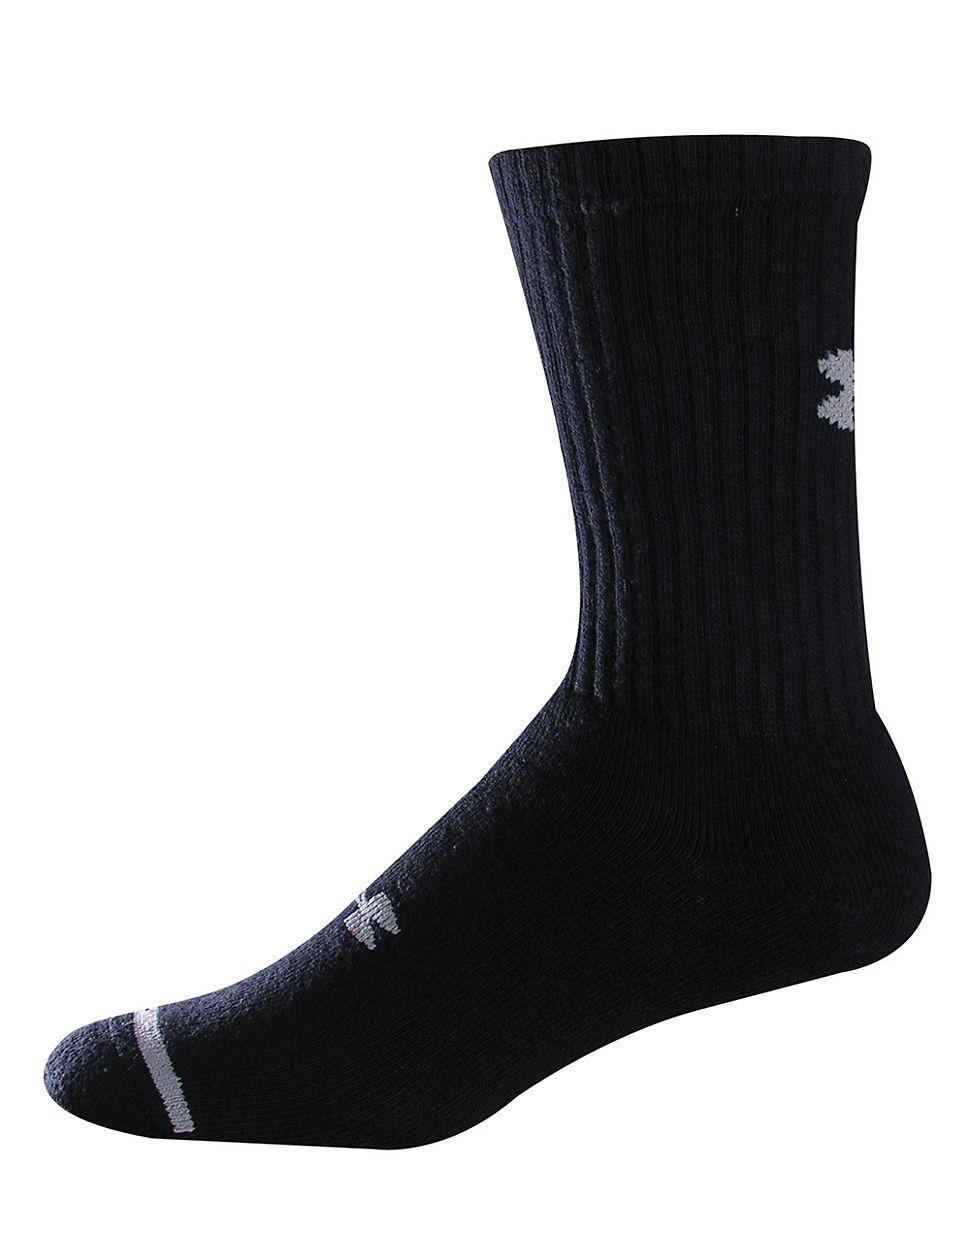 Under Armour Crew Socks 6 Pack In Black For Men Lyst